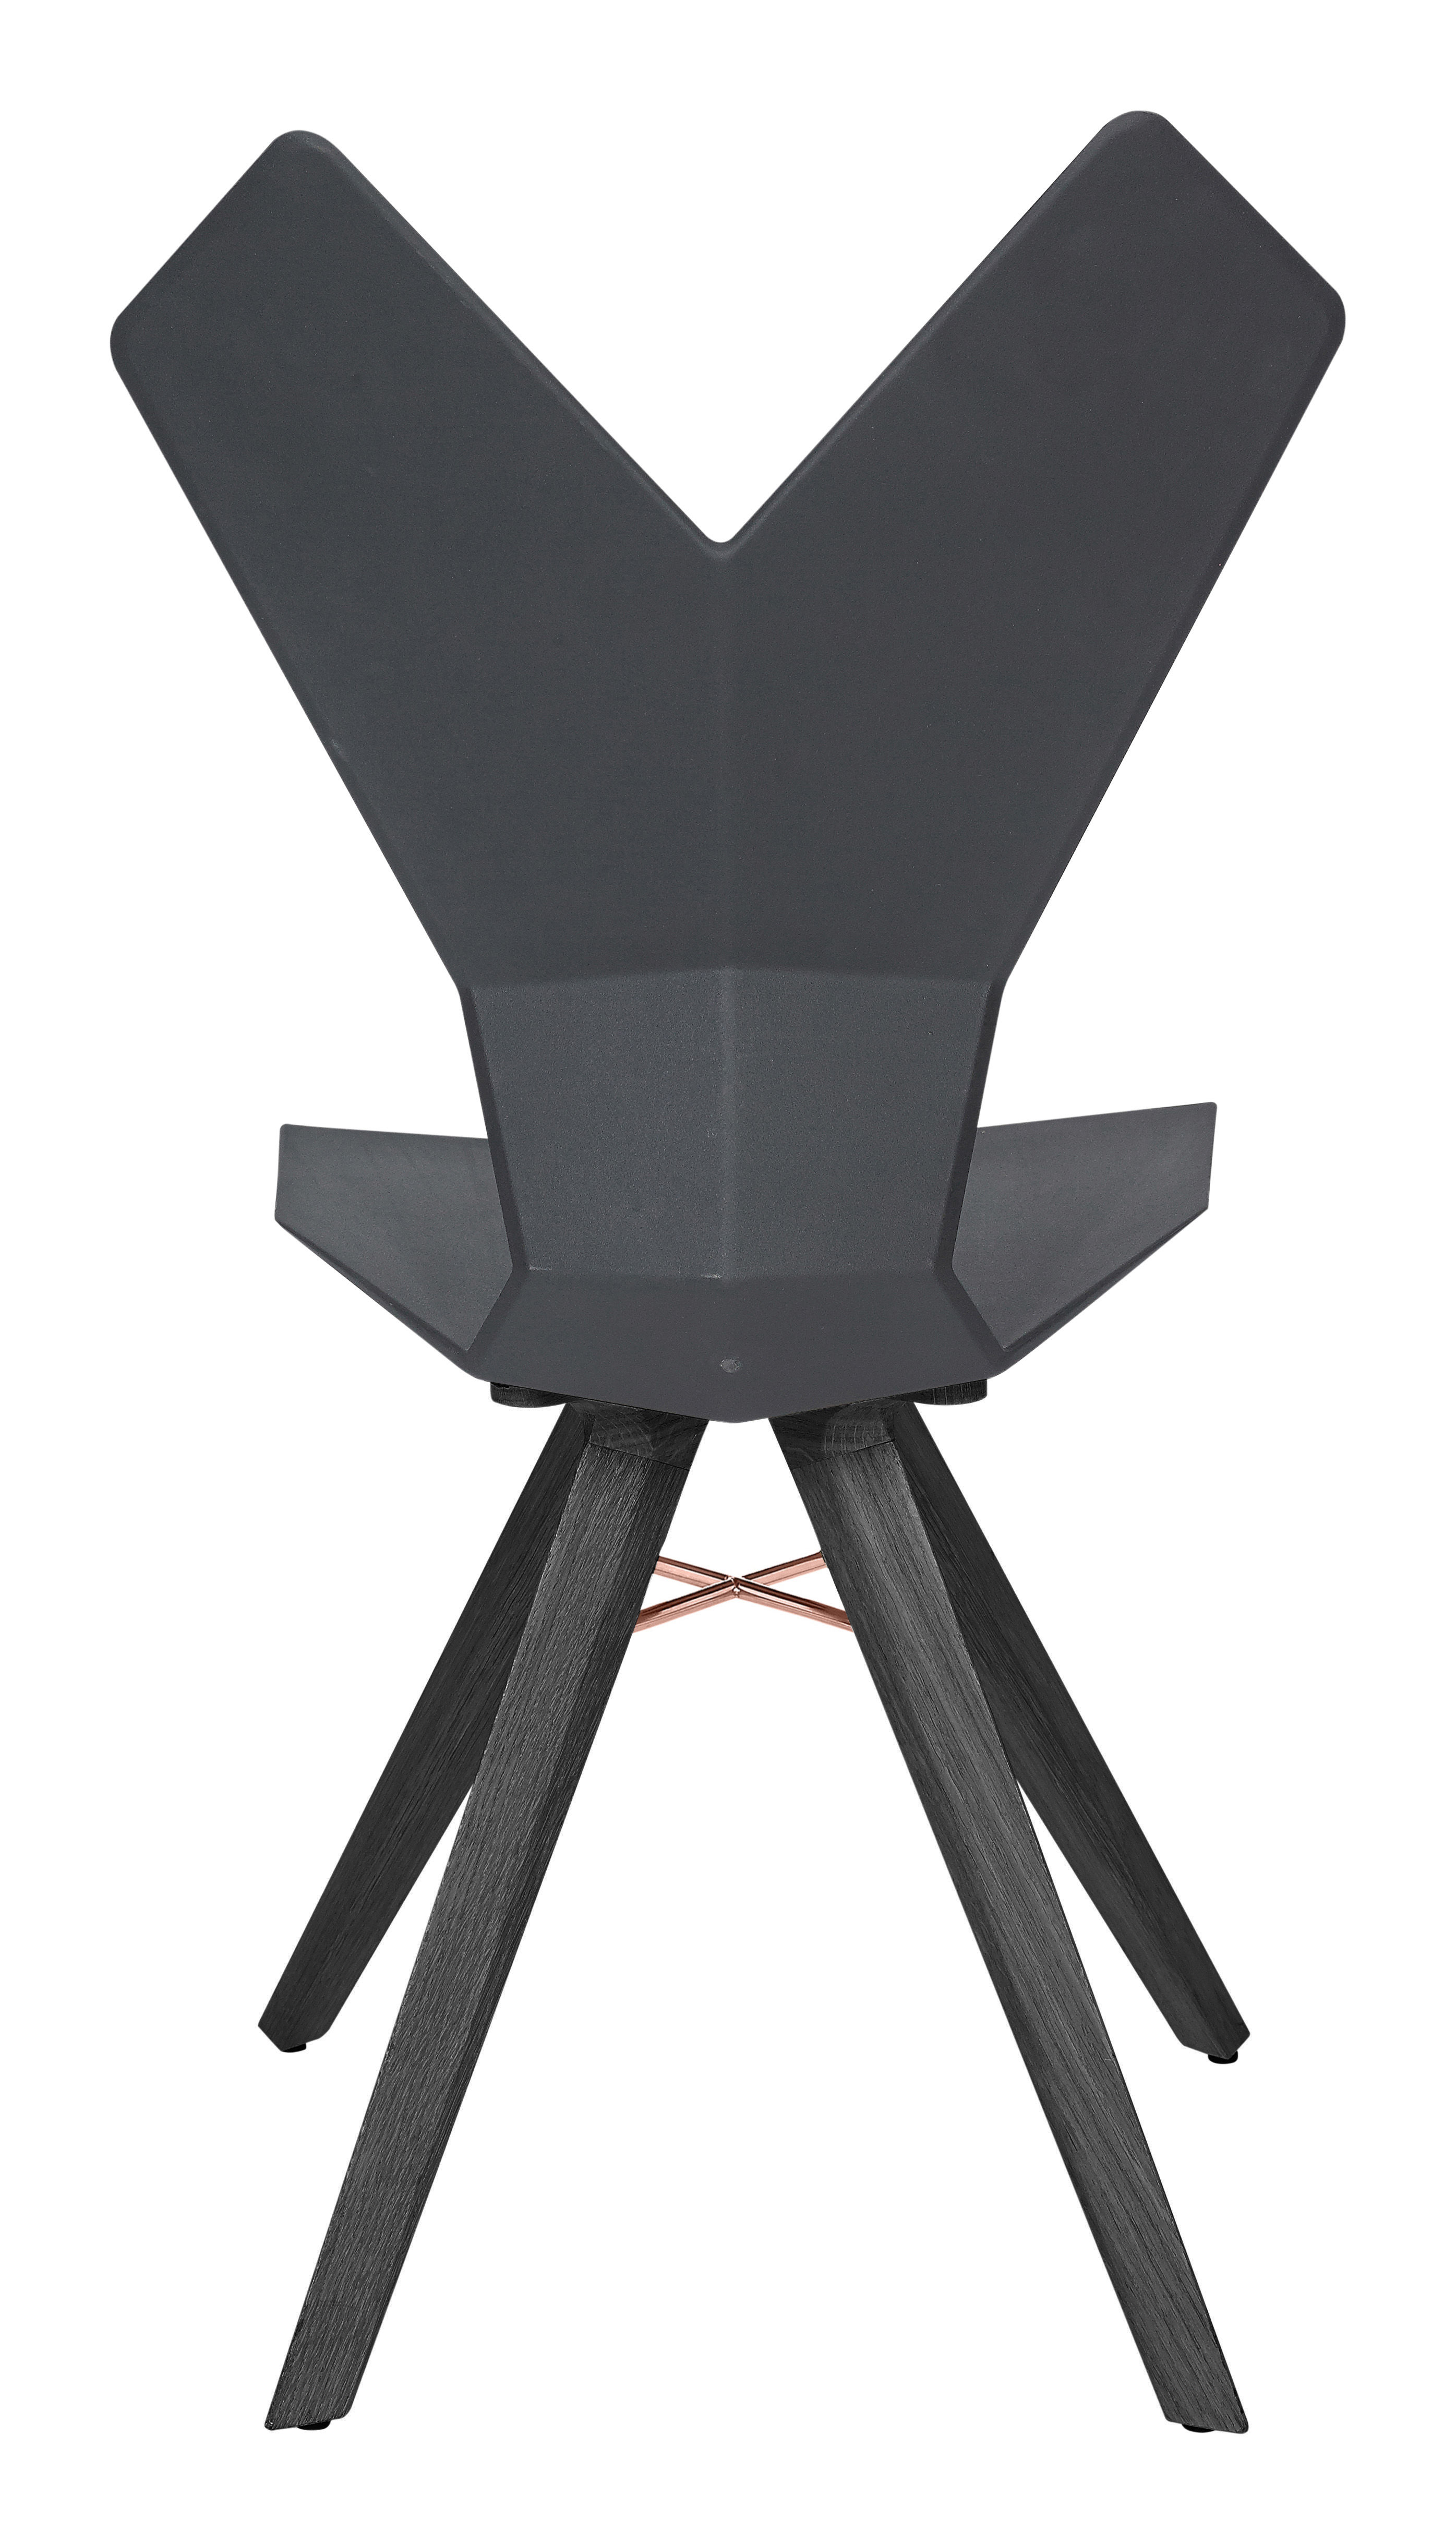 Chaise y assise plastique pieds bois coque noire pi tement bois tei - Chaise pied bois assise plastique ...